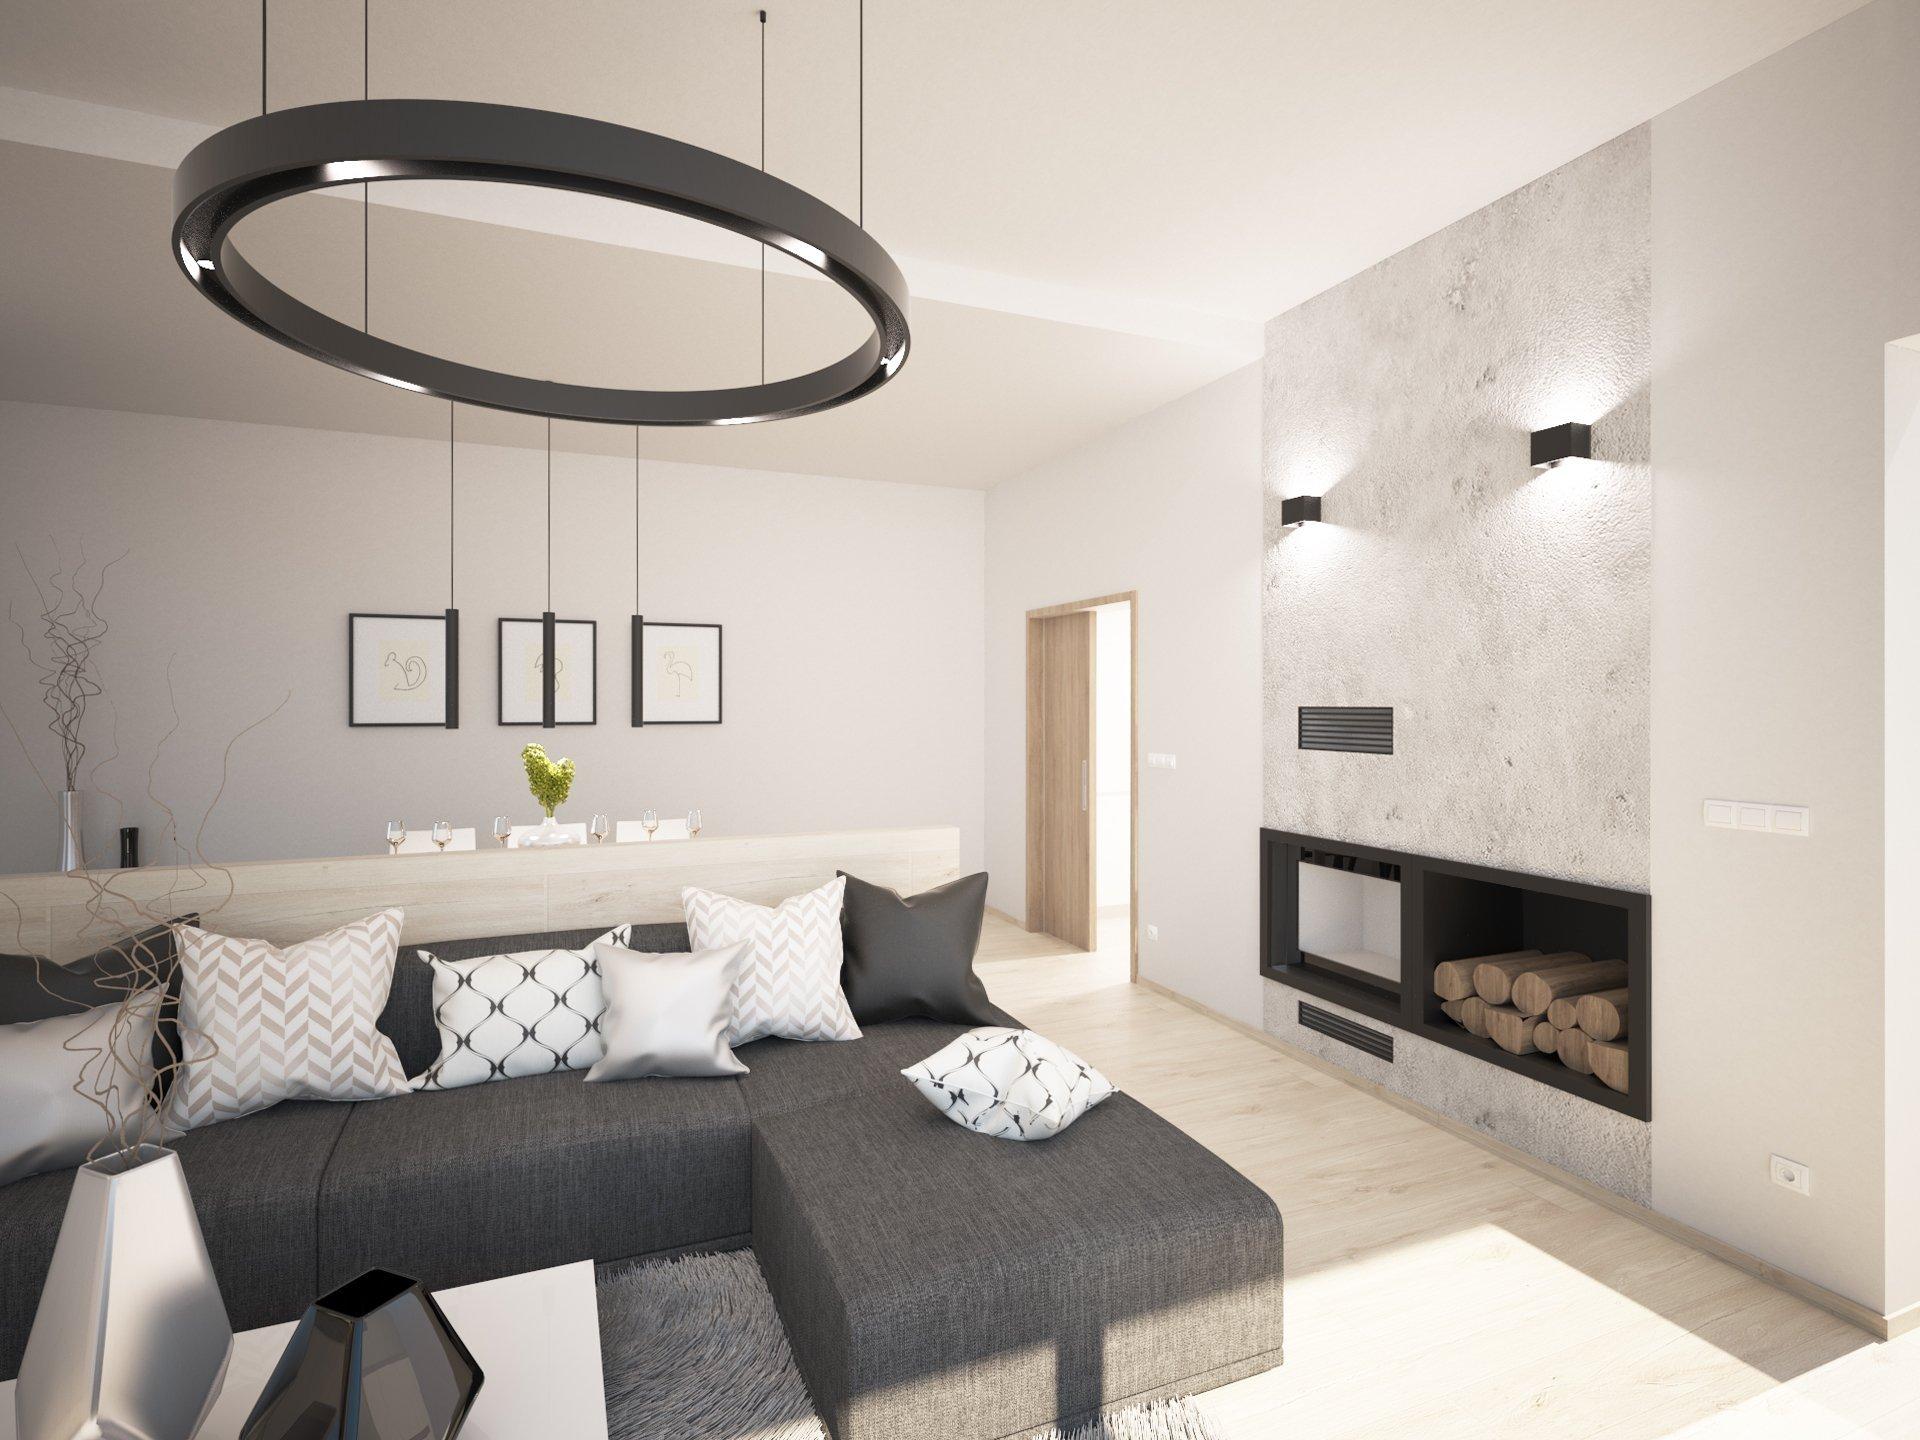 Moderní novostavba rodinného domu nedaleko Prahy v obci Čestlice dává již z exteriéru tušit, že se jedná o práci architektů.Přáním klientů byl&nbsp…